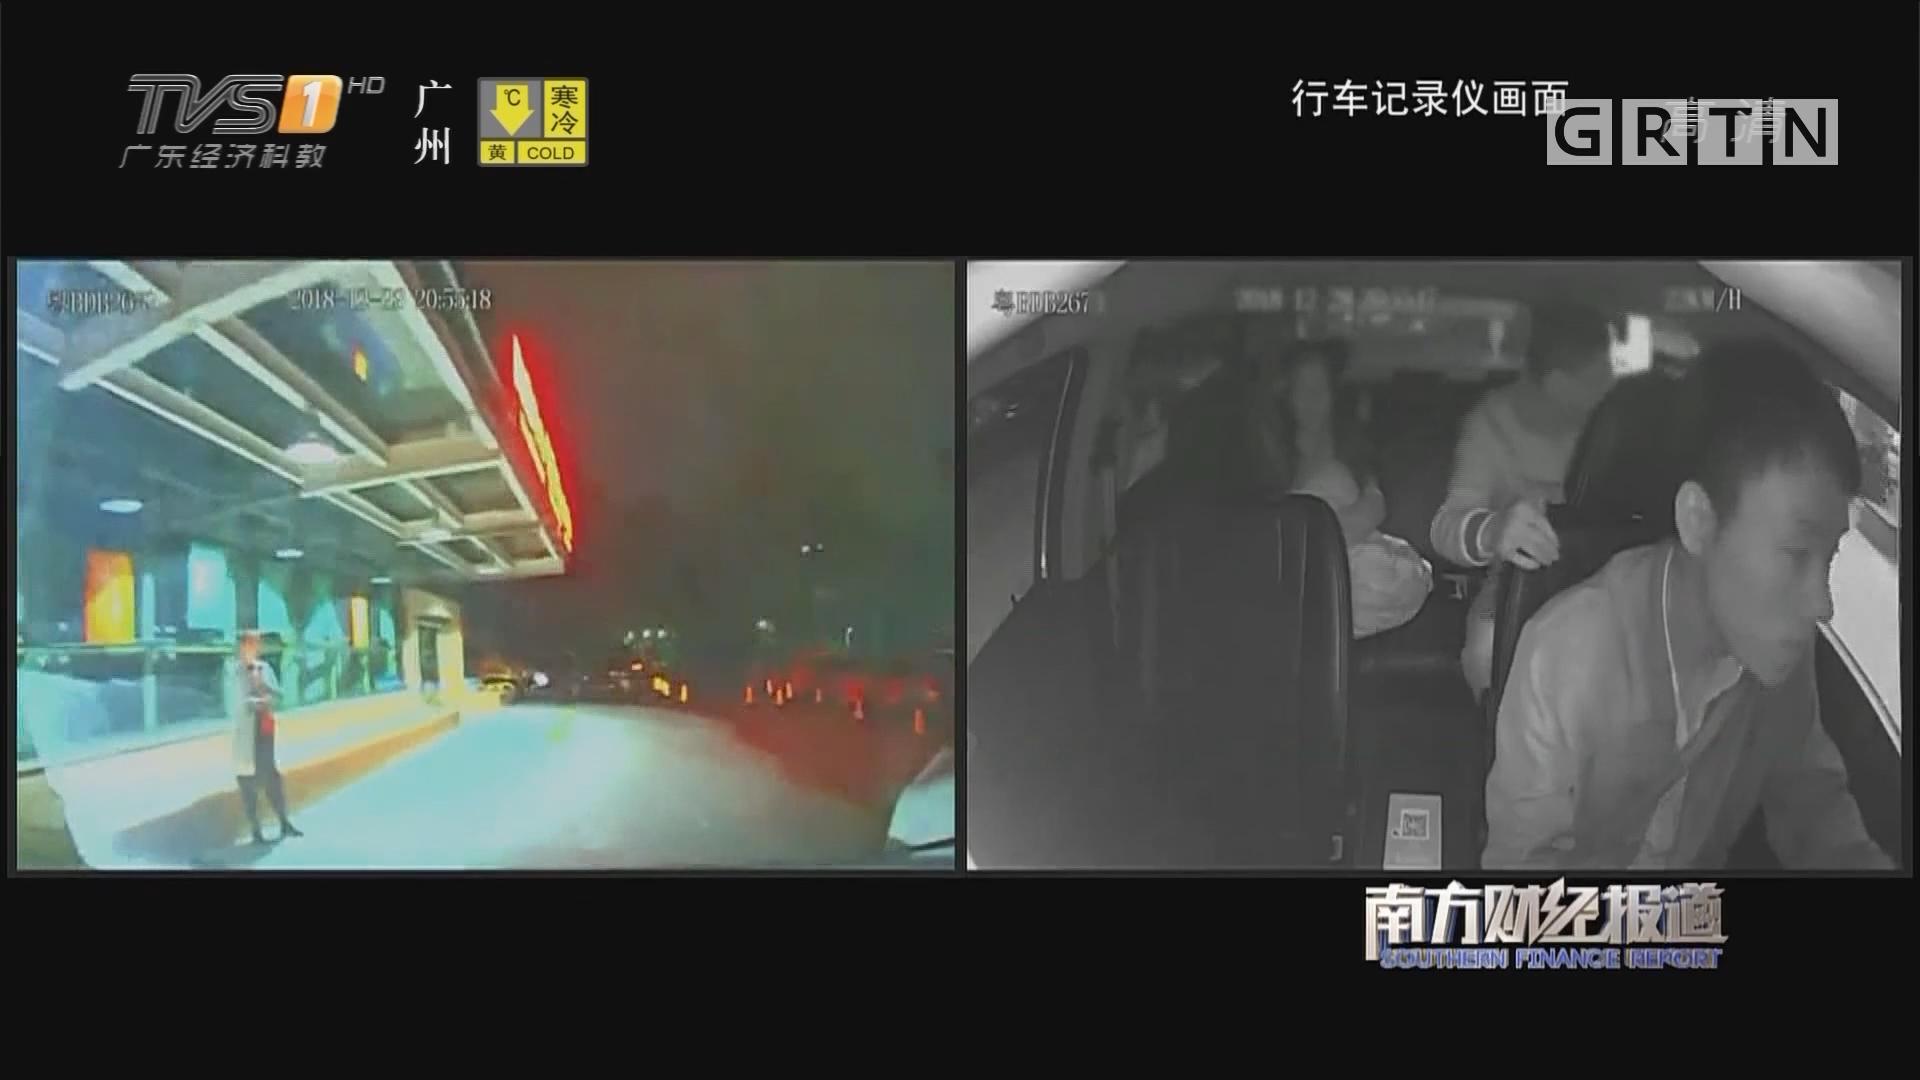 深圳:路遇急病乘客 的哥连闯红灯送医